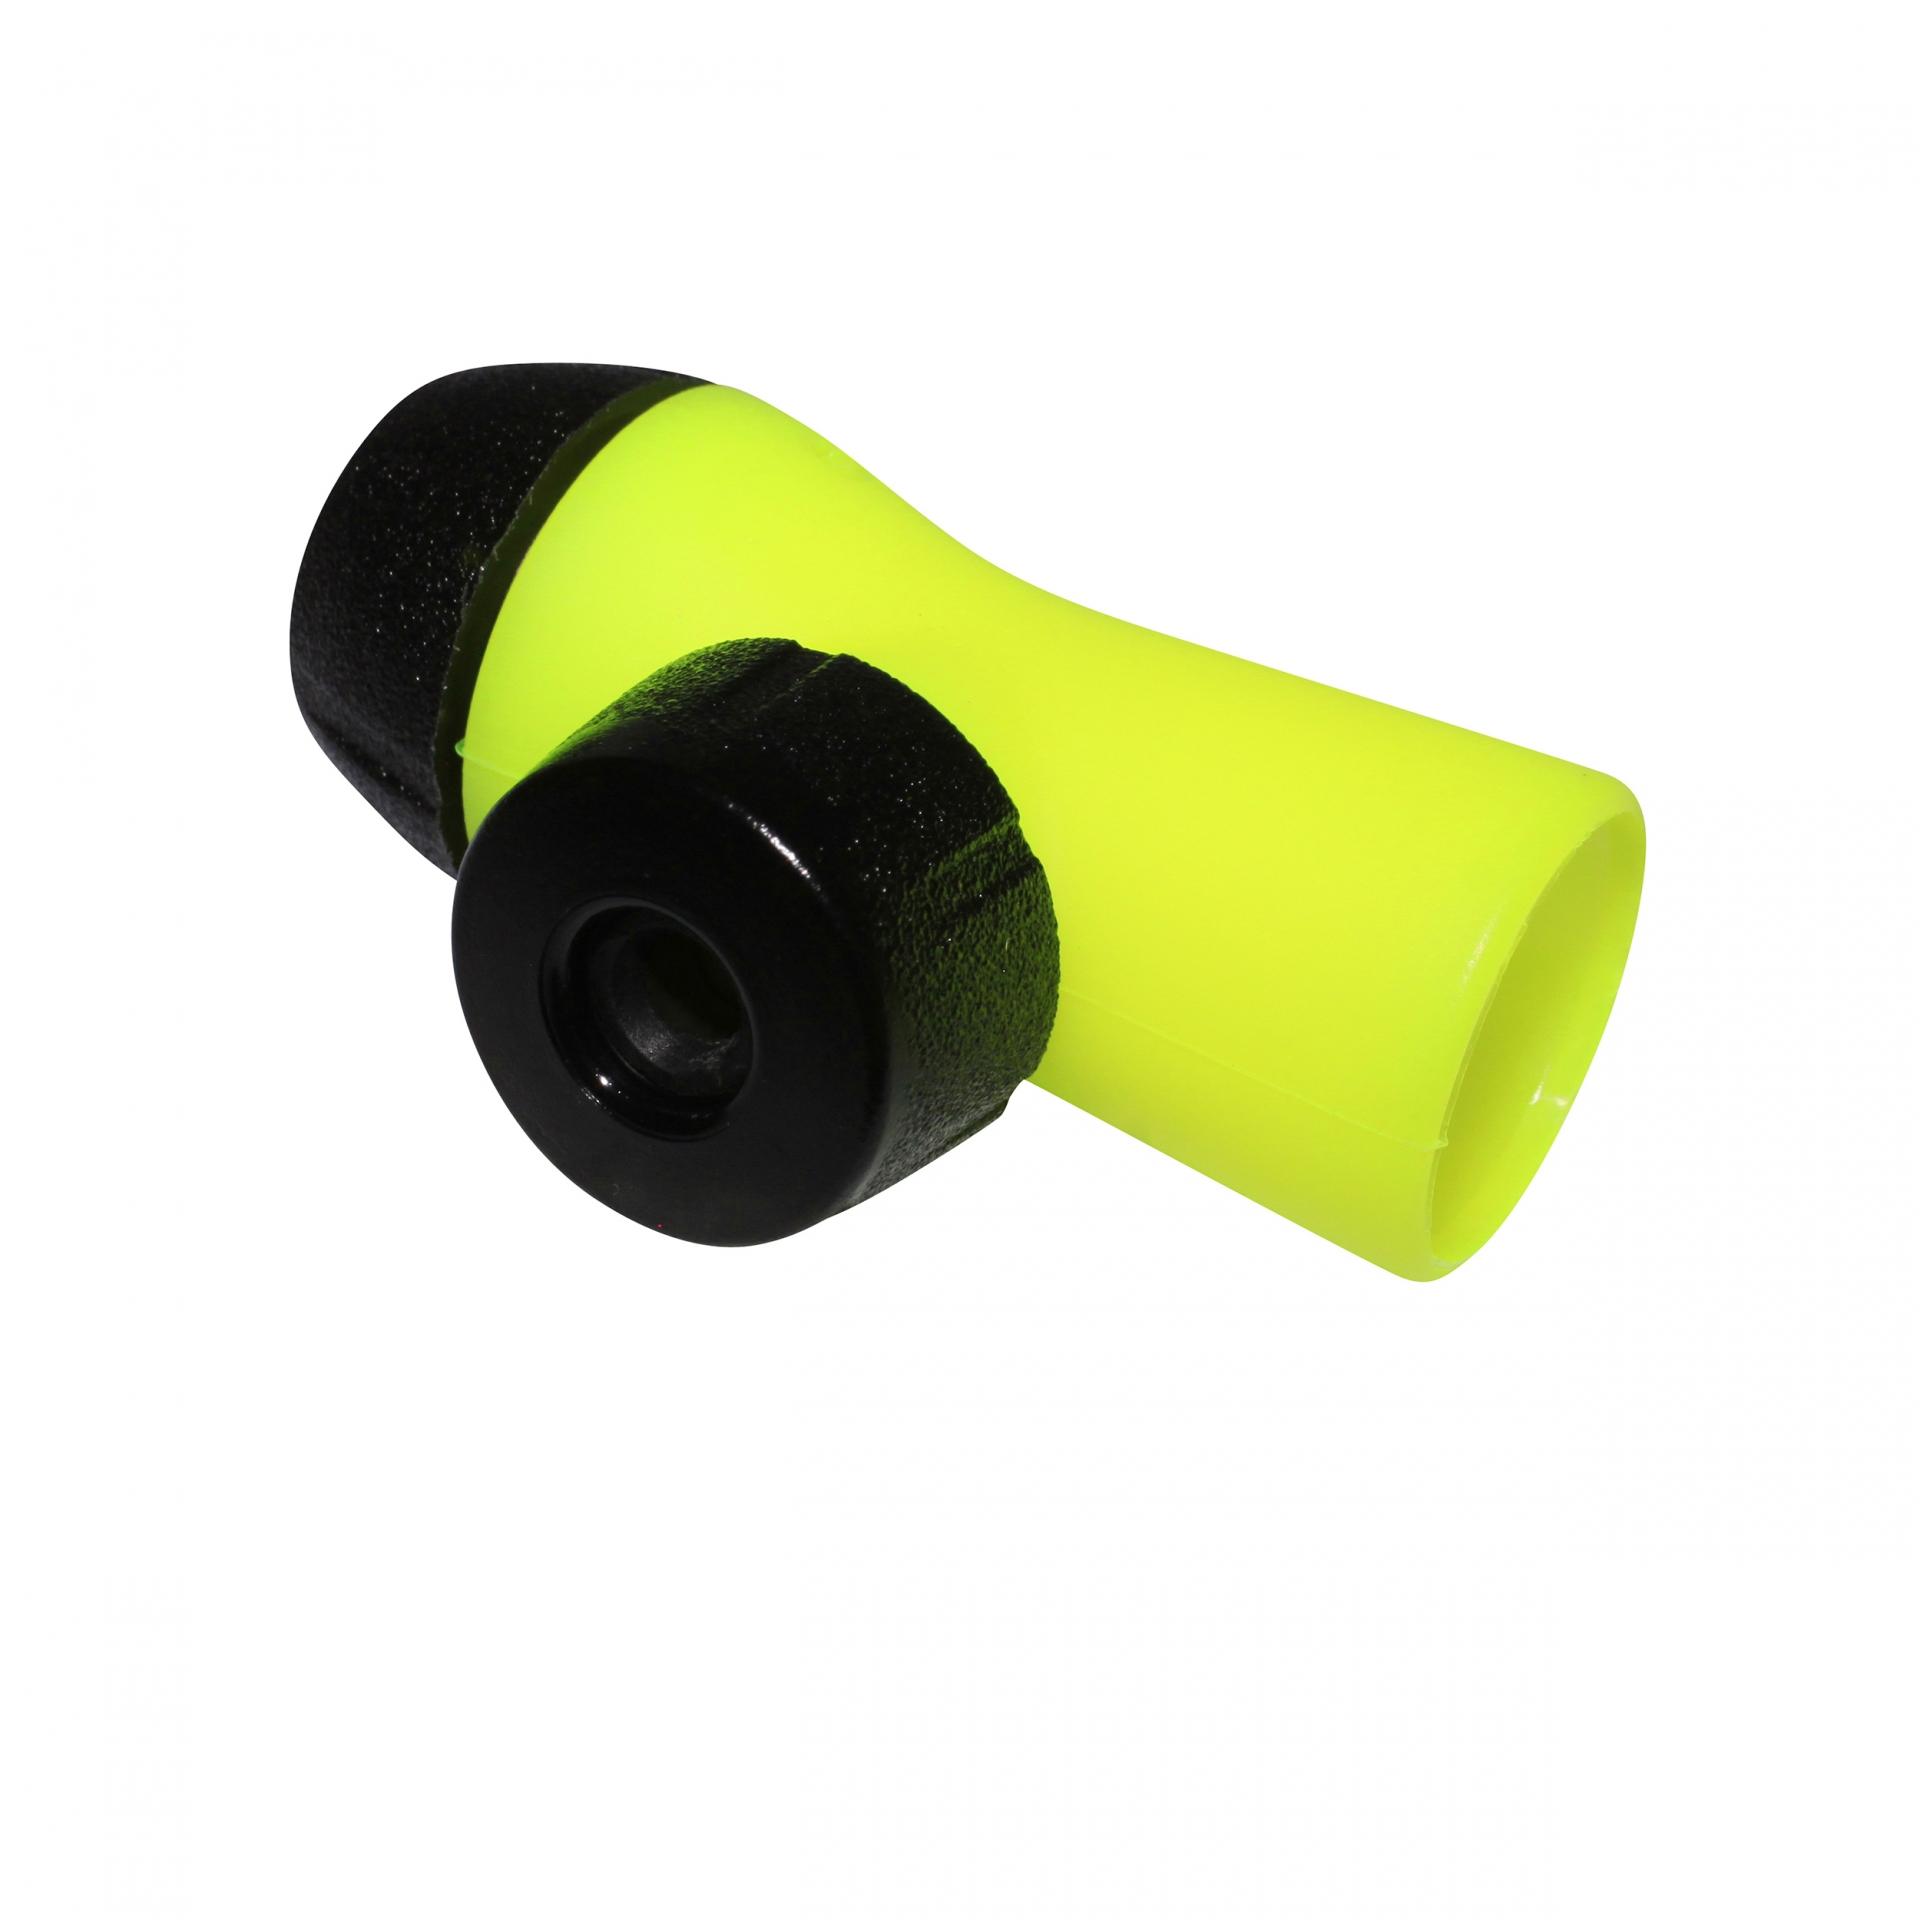 Gonfleur CO2 Roto à débit réglable comp. Presta/Schrader Jaune Fluo